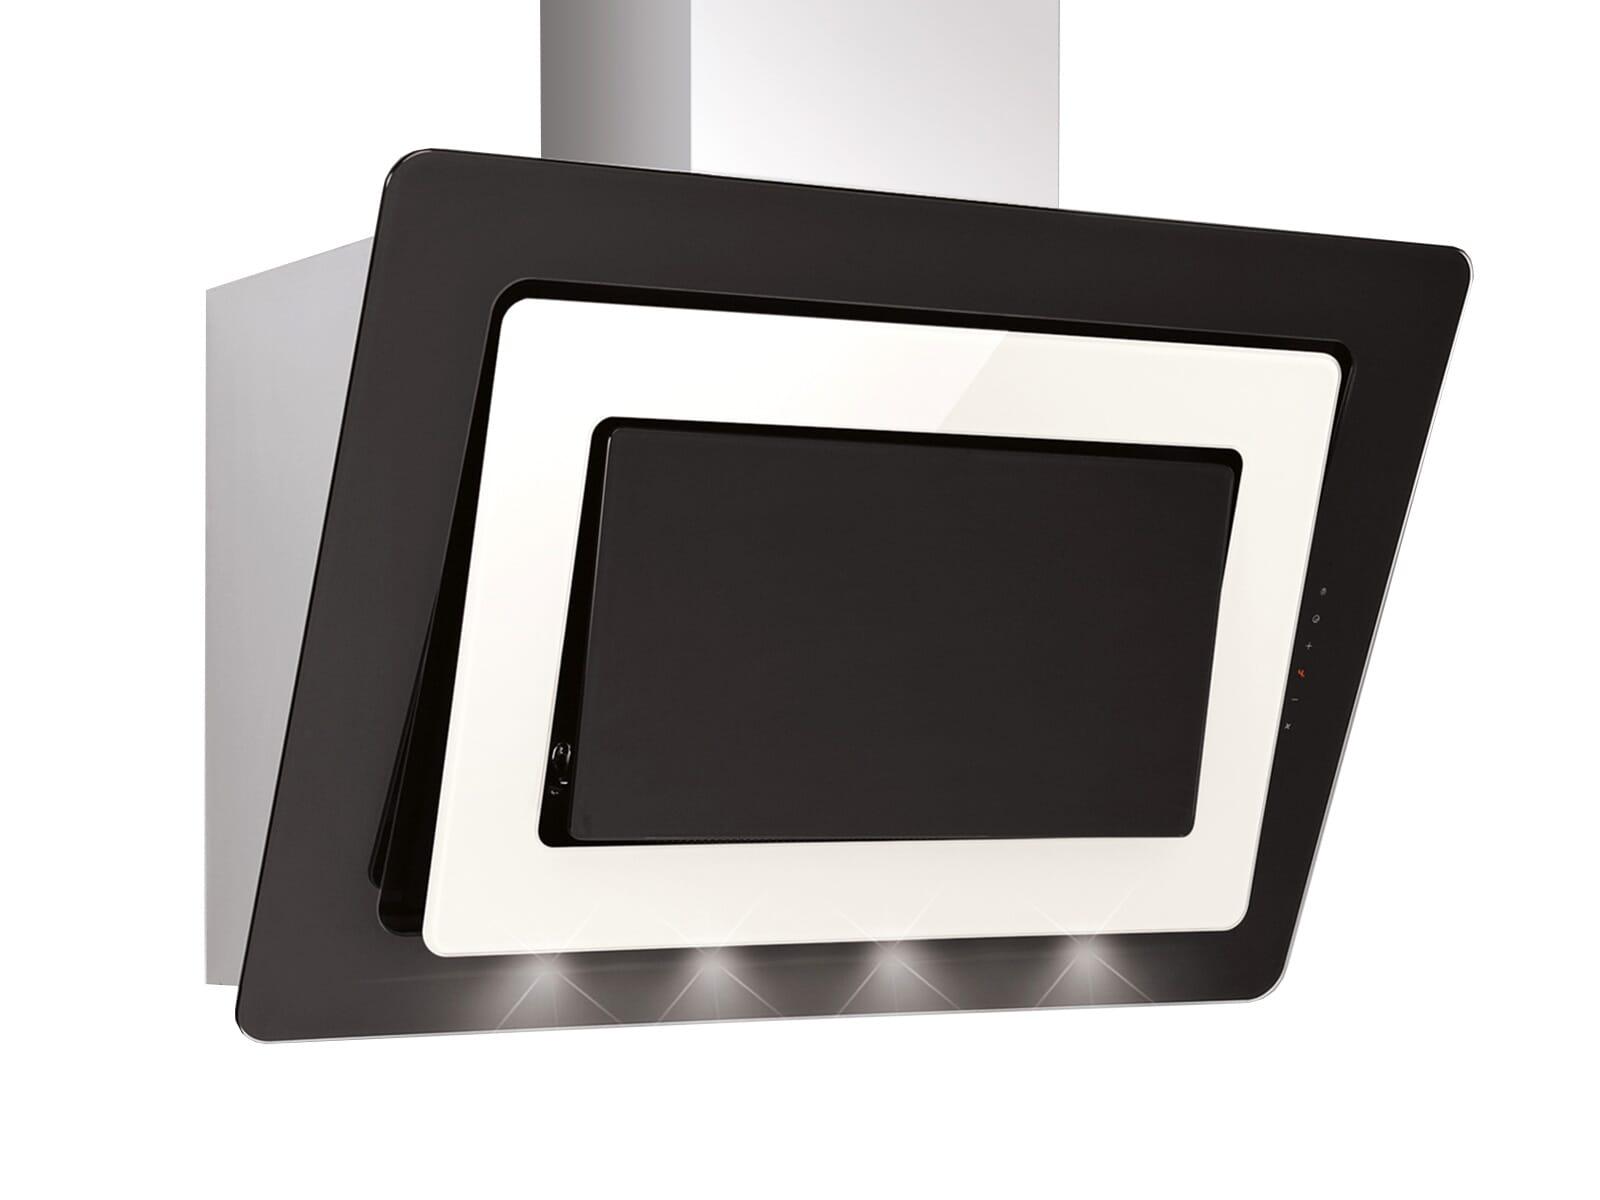 Silverline Alya Premium AYW 994.1 M Kopffreihaube Edelstahl/Schwarzglas/Magnolieglas